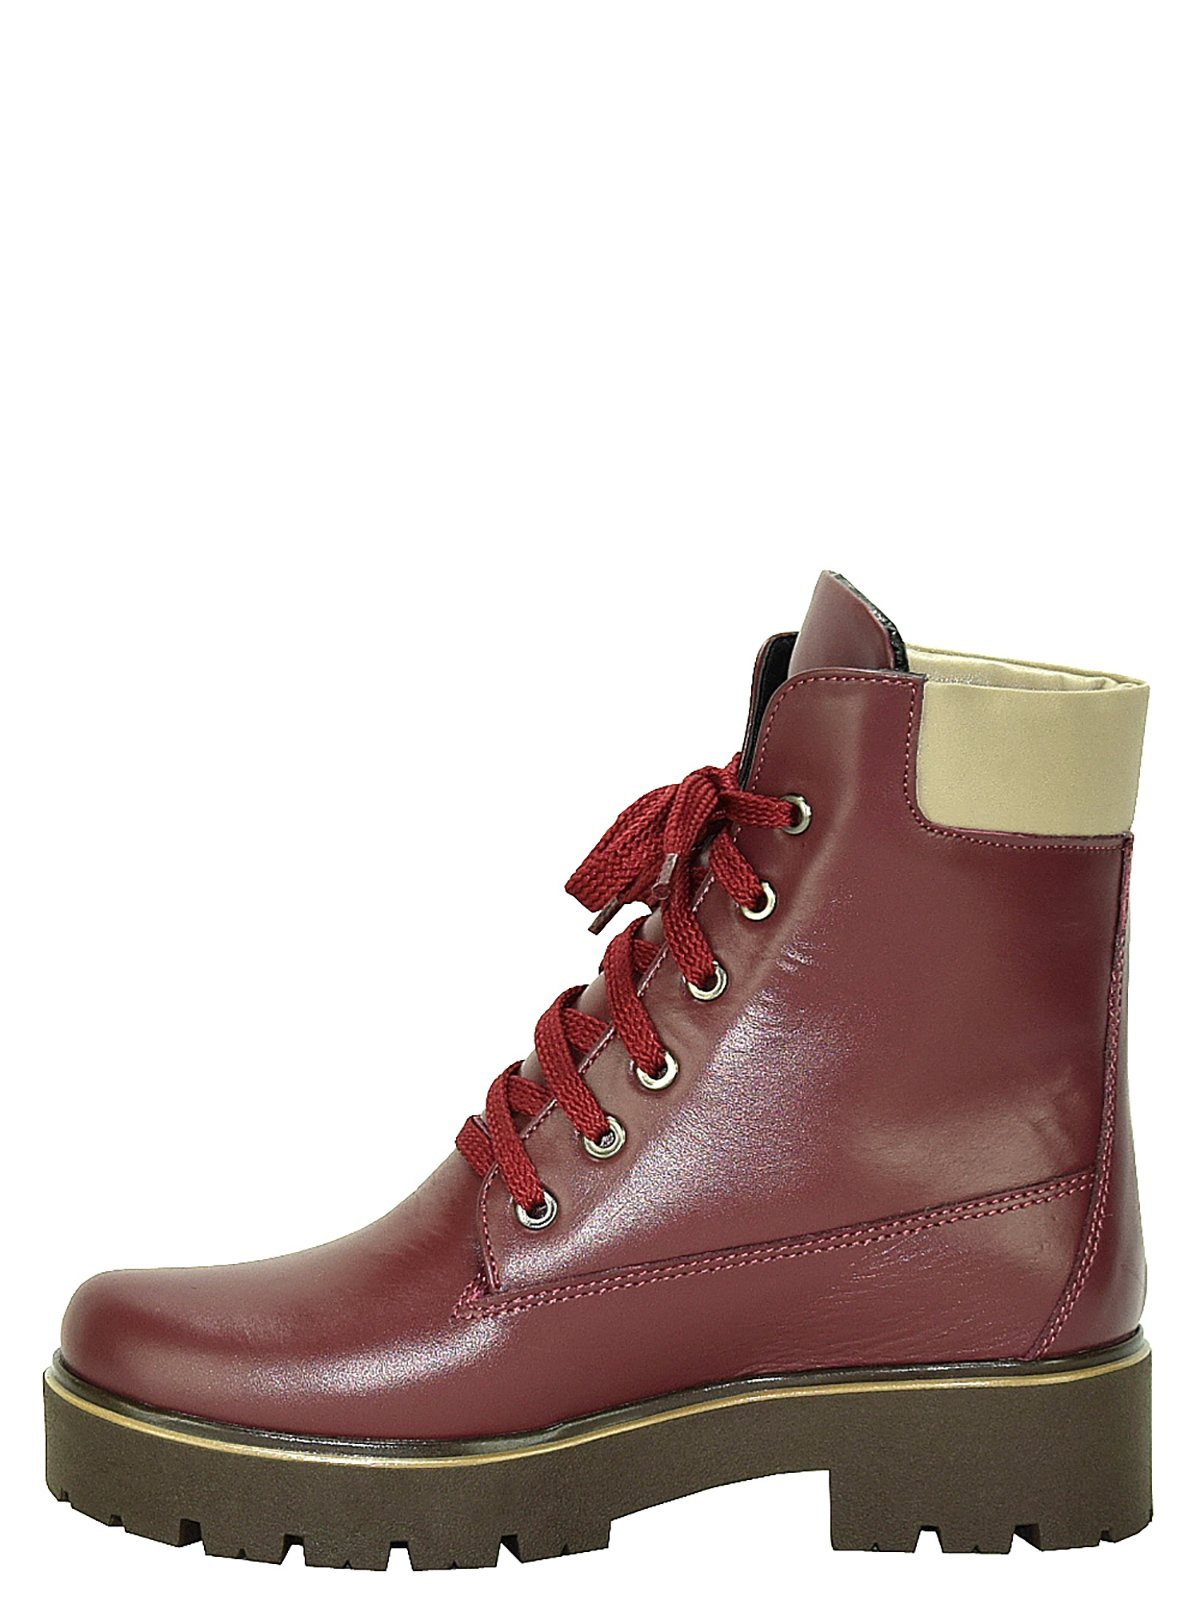 Ботинки бордовые | 3656765 | фото 3